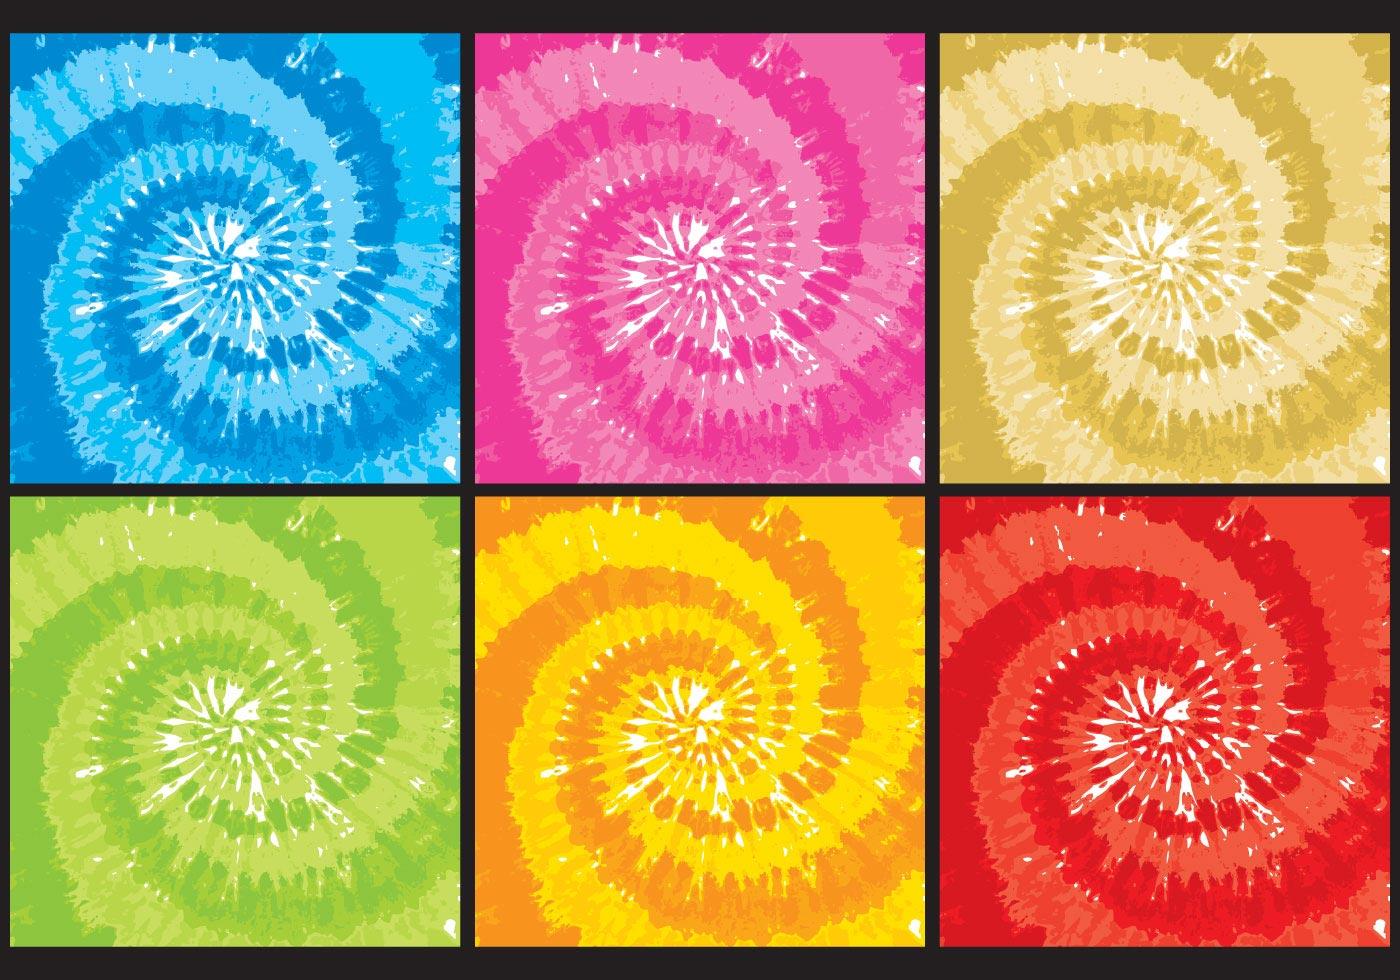 tye dye textures download free vector art stock